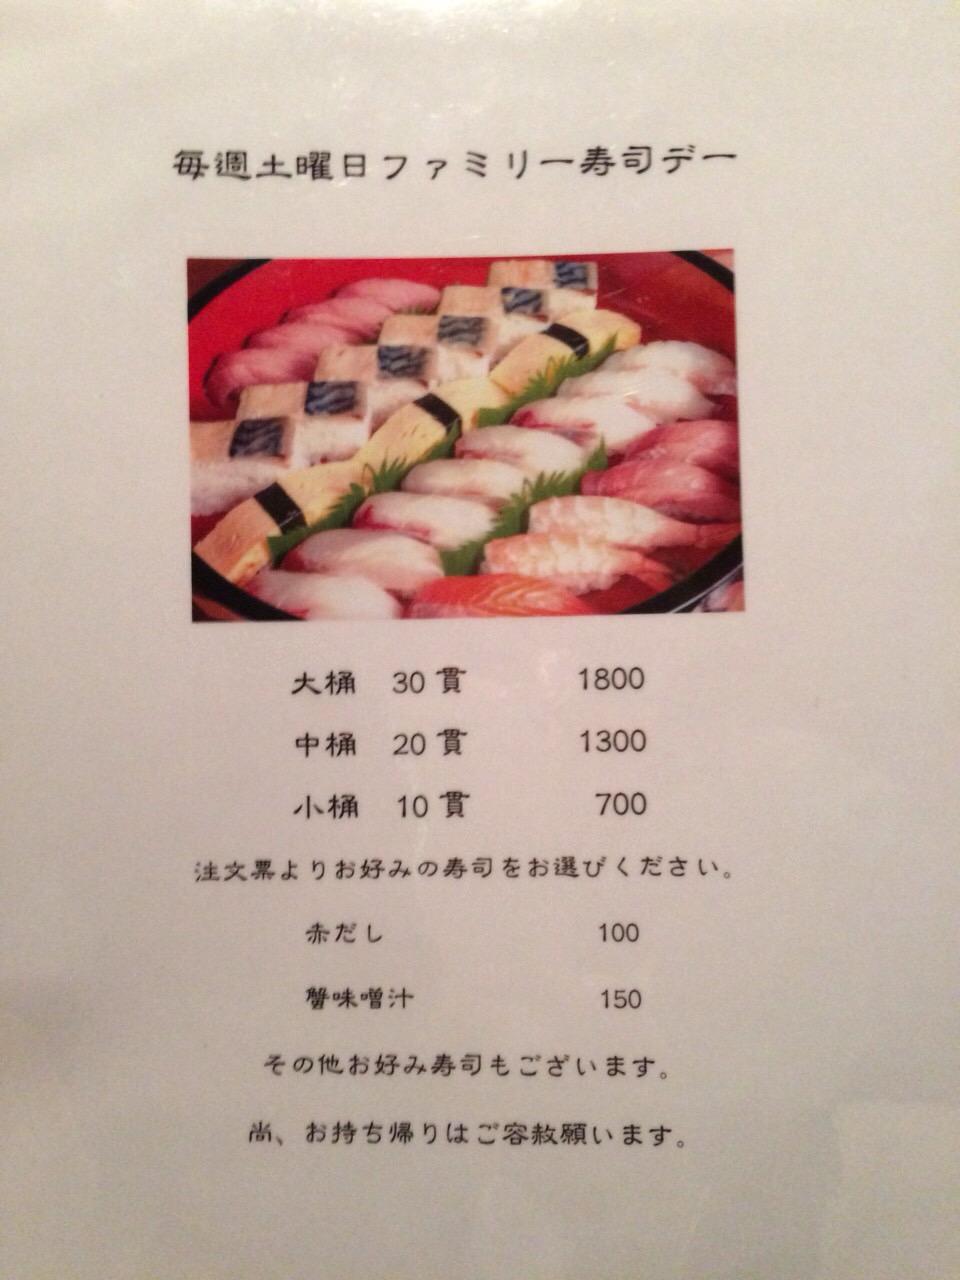 人気のお寿司メニュー